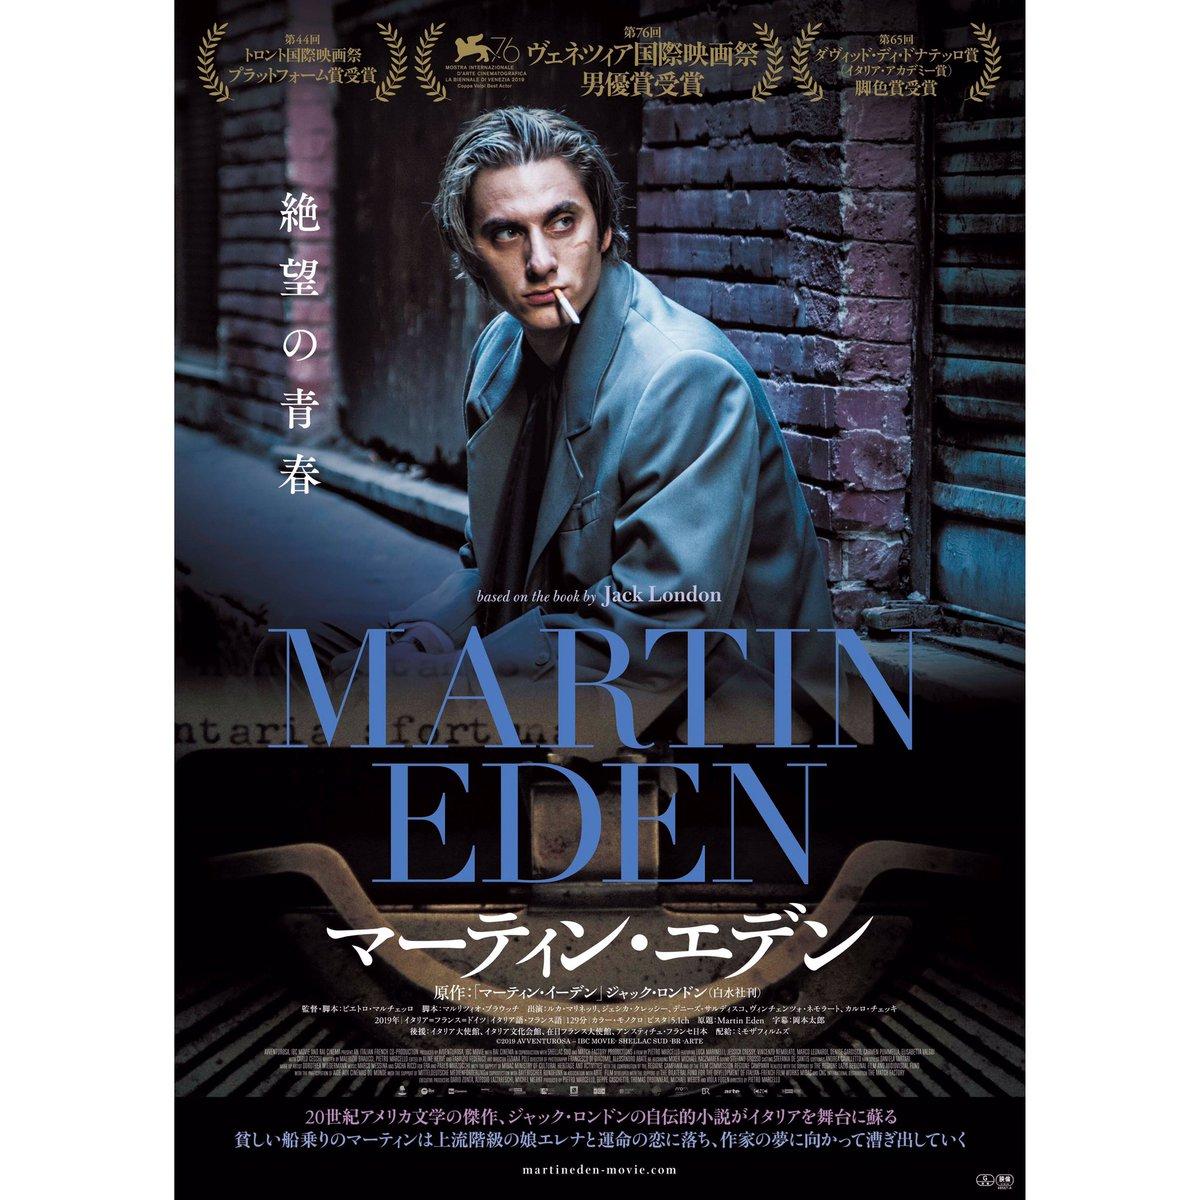 映画『マーティン・エデン』5/7DVD発売! on Twitter: